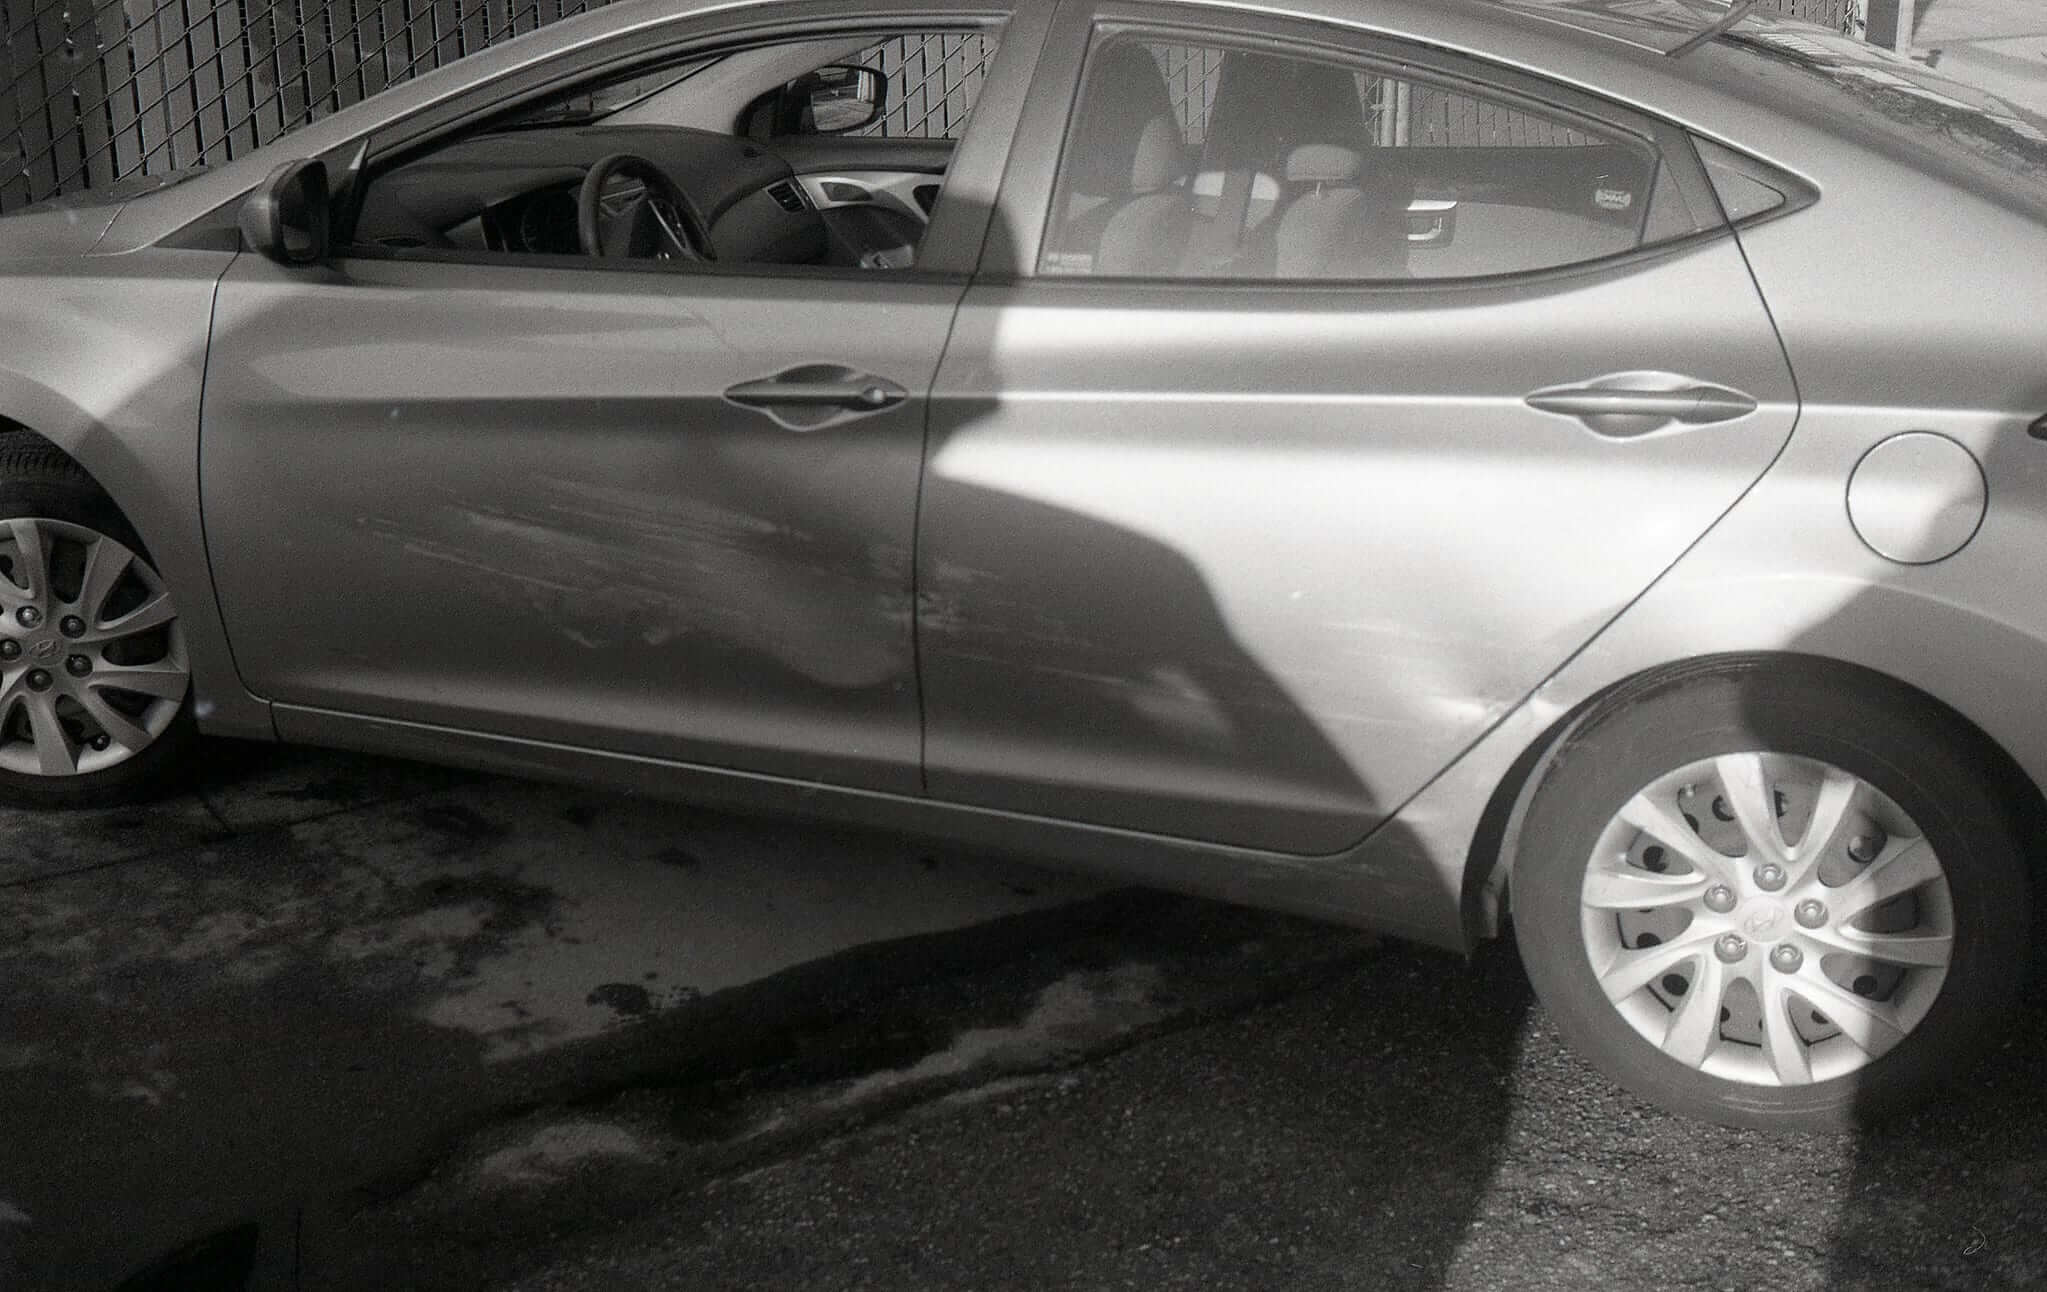 Major Car Accident vs Minor Car Accident